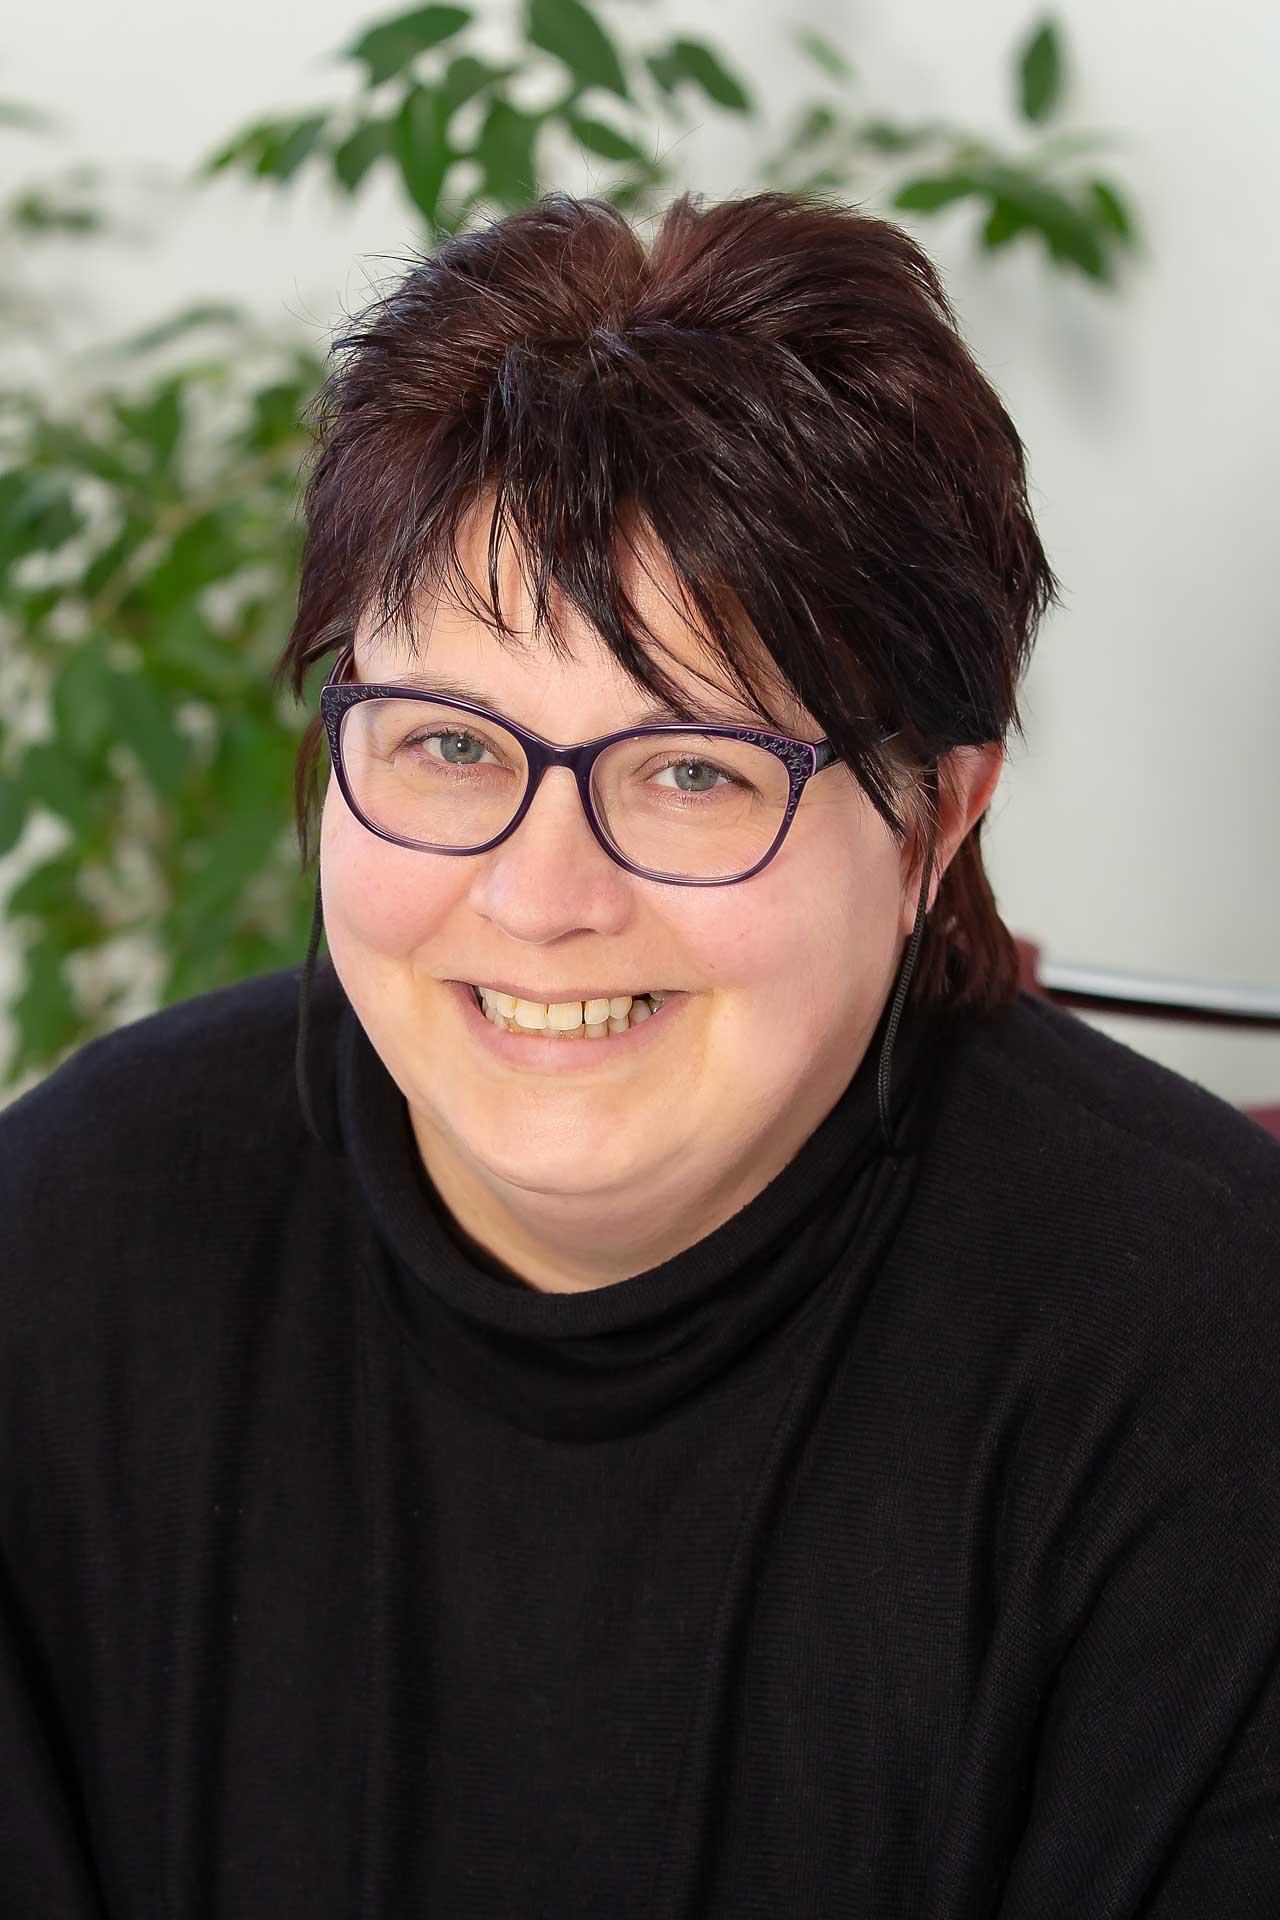 Anja Handge